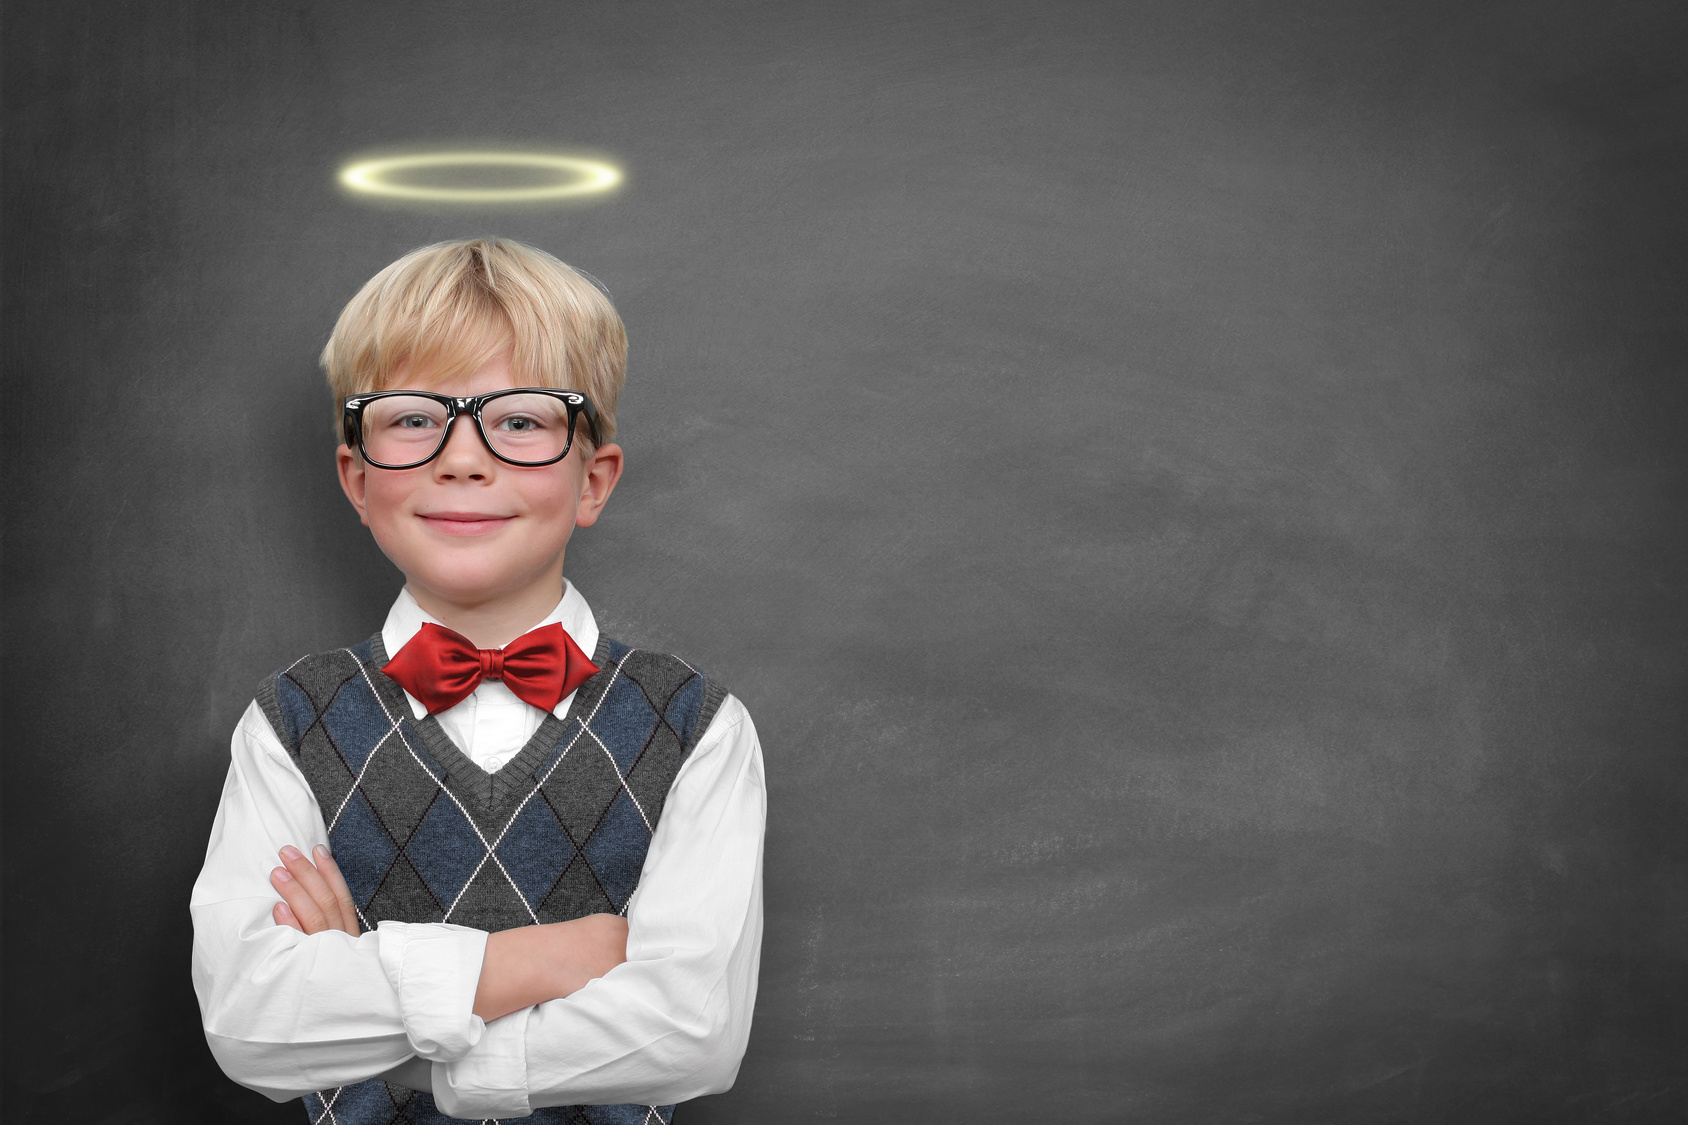 Comment Indésirables Comportements Enfant 5 Mon De En Modifier Les QhsxtrdC